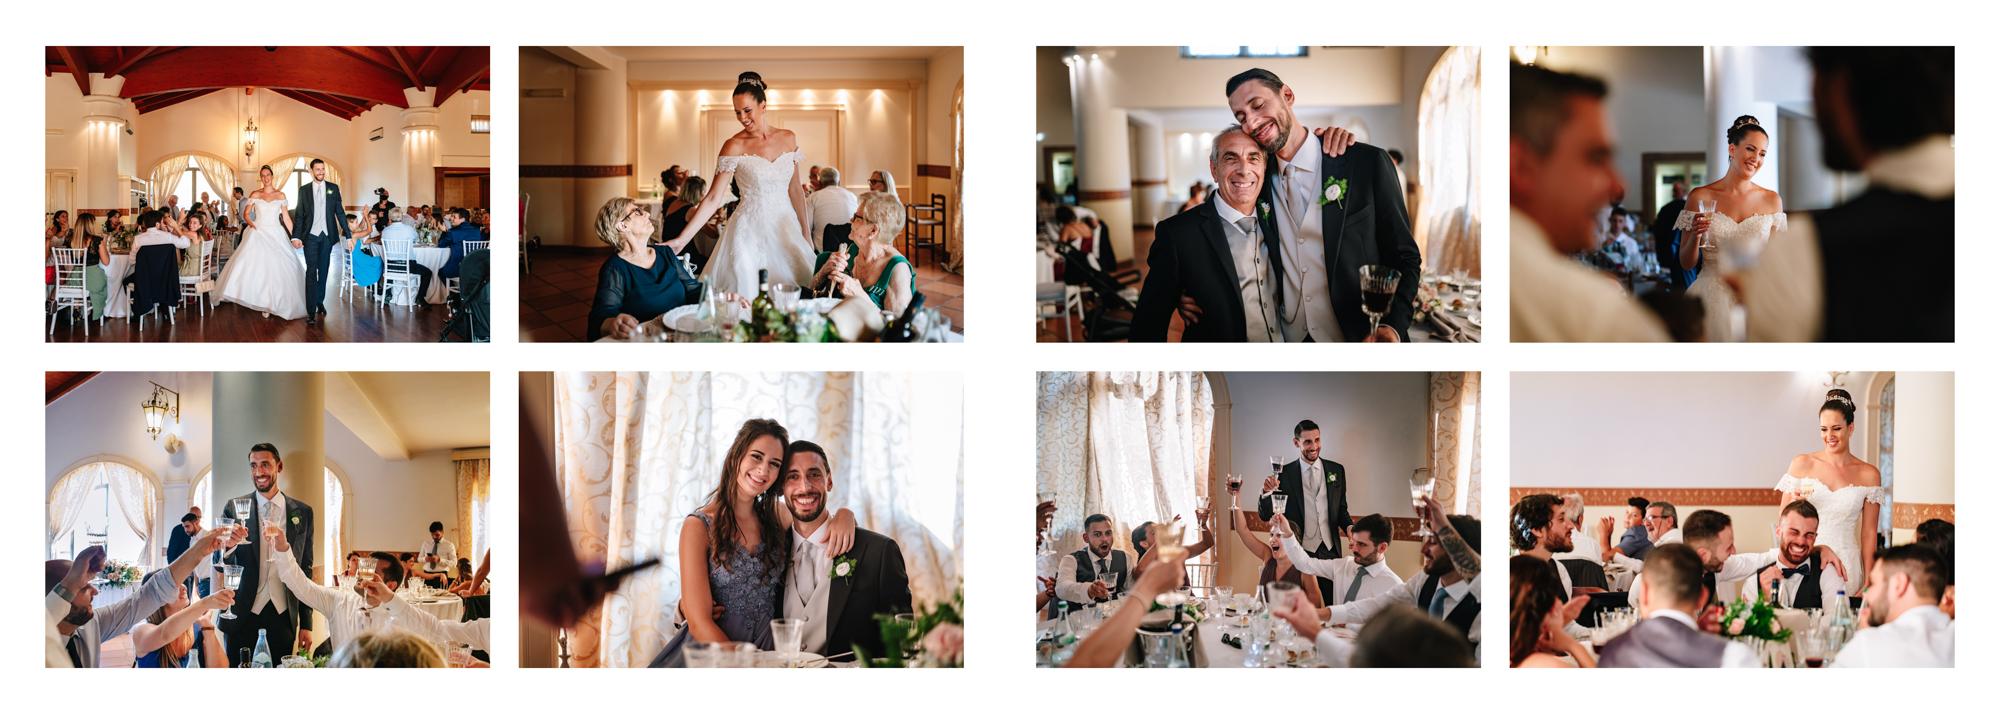 reportage ristorante sposi